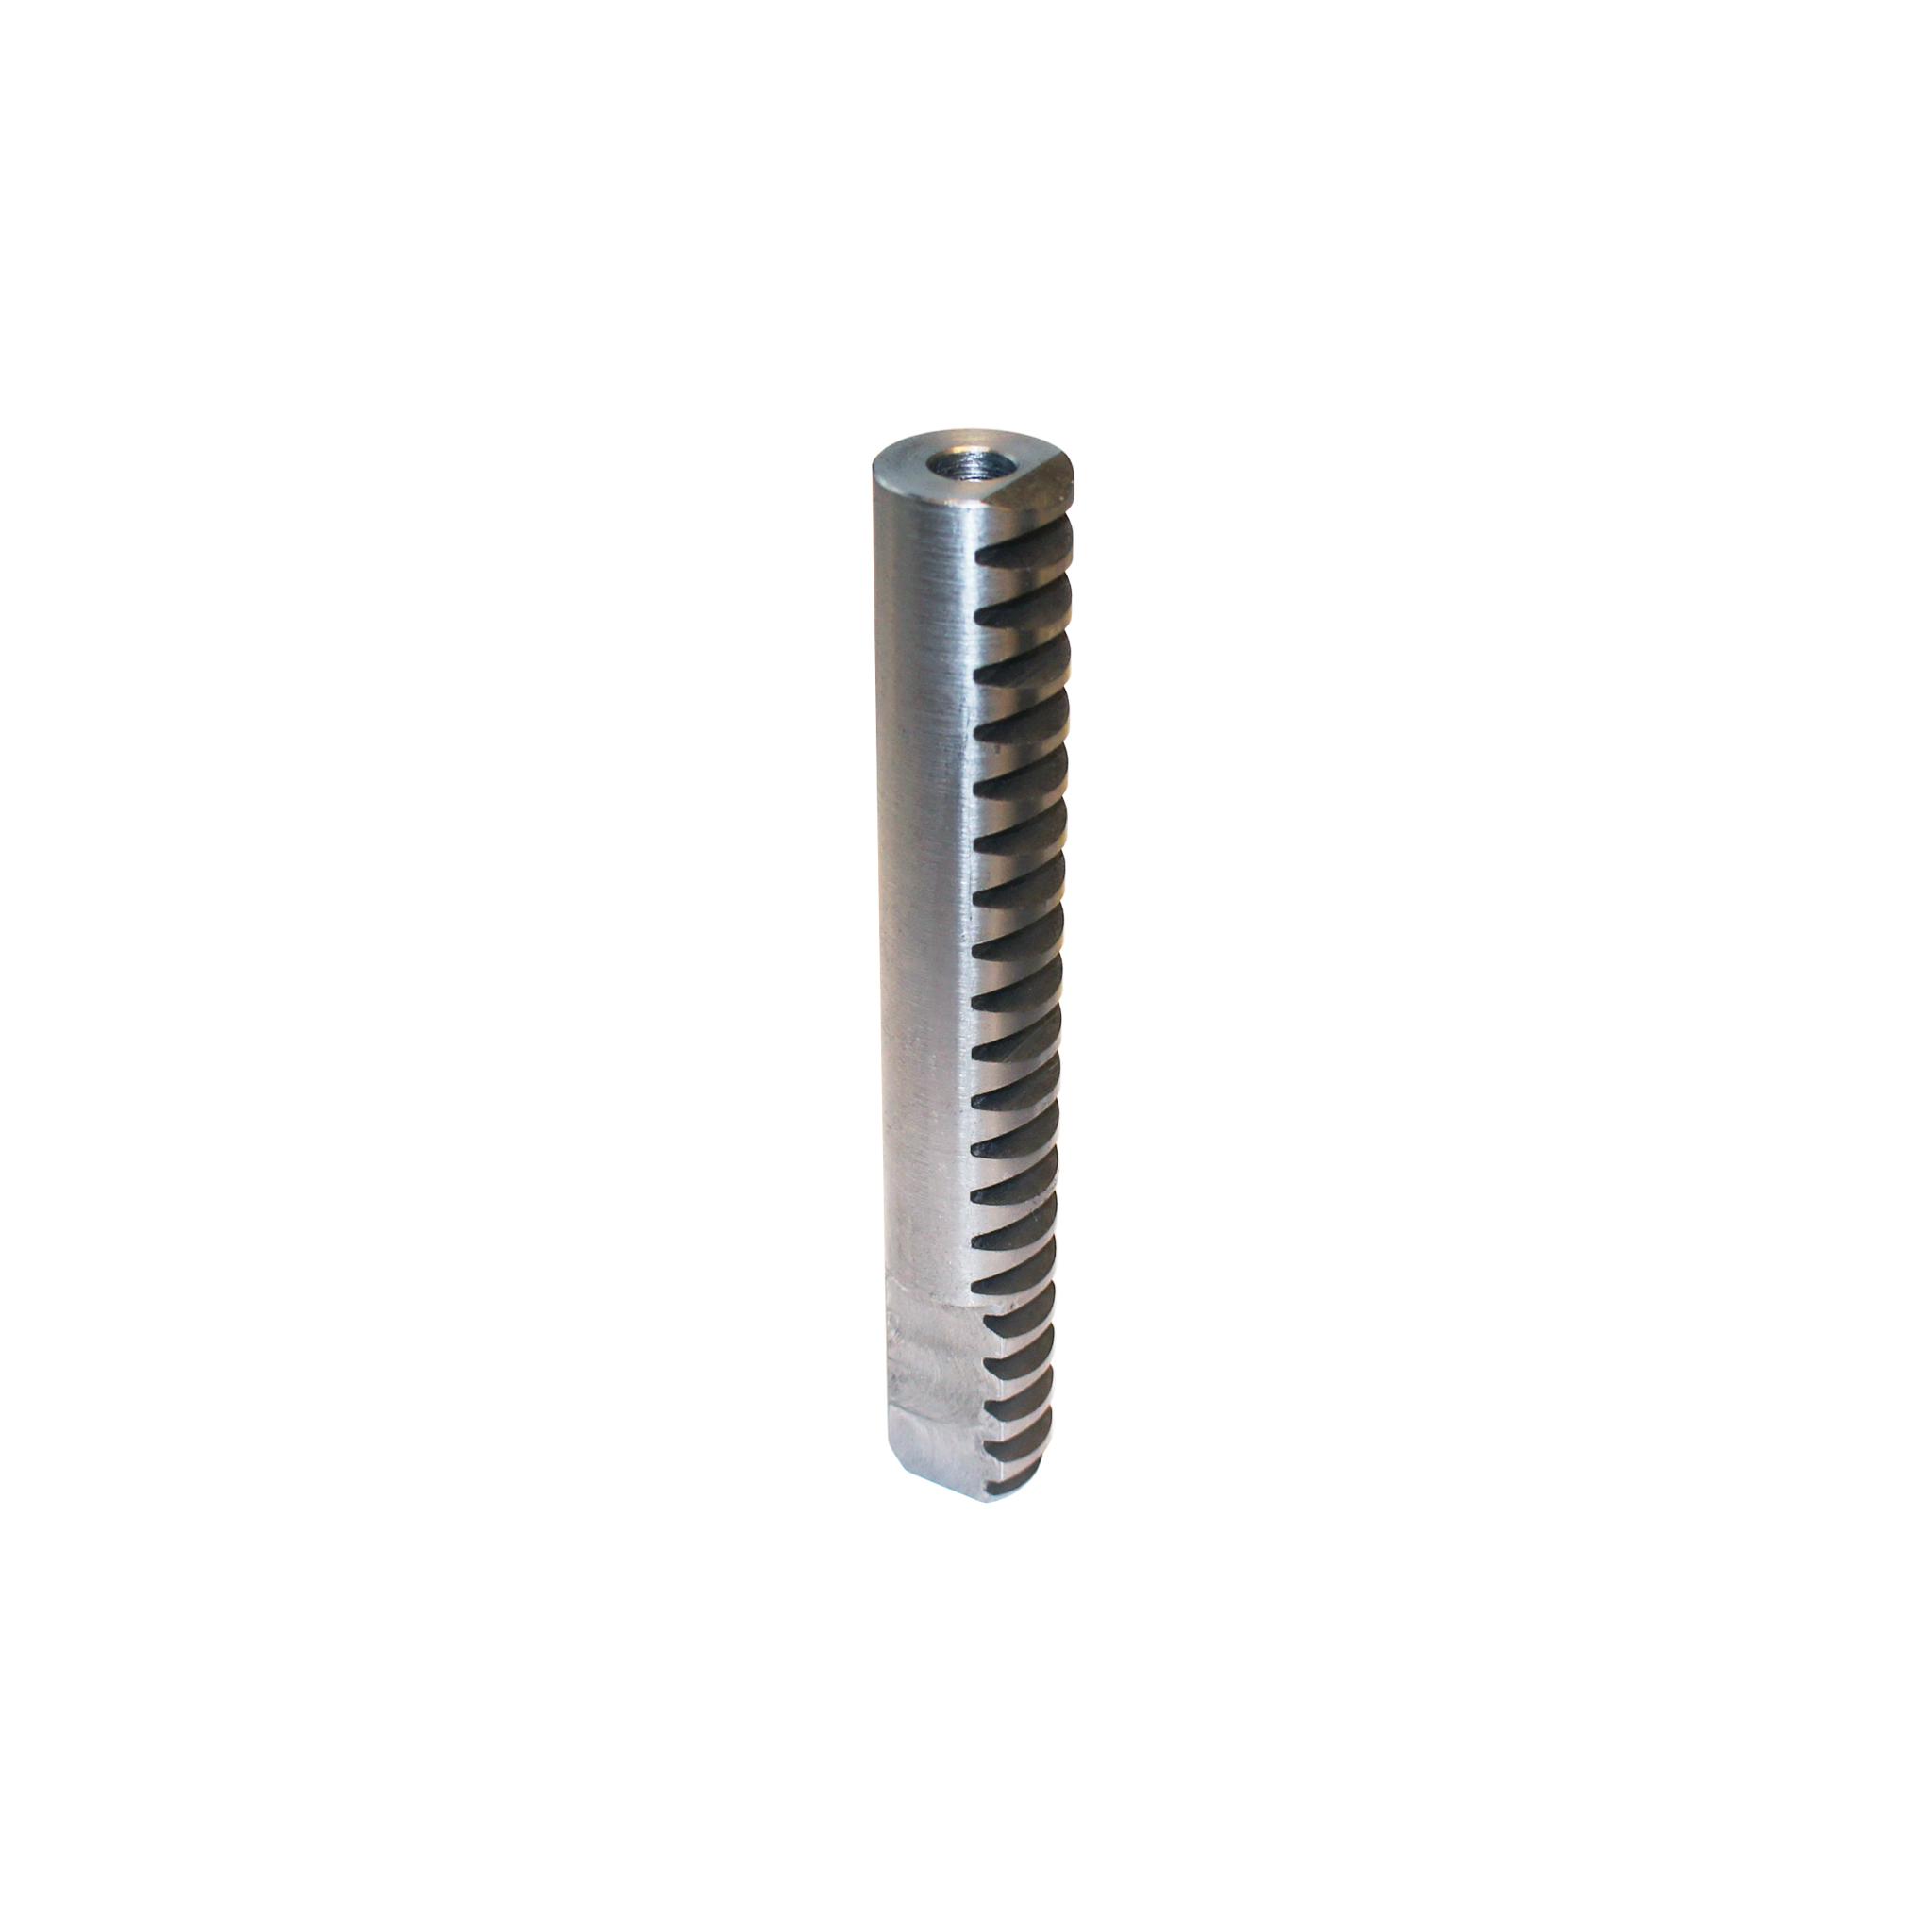 Tool holder 11 (upper) for riveter